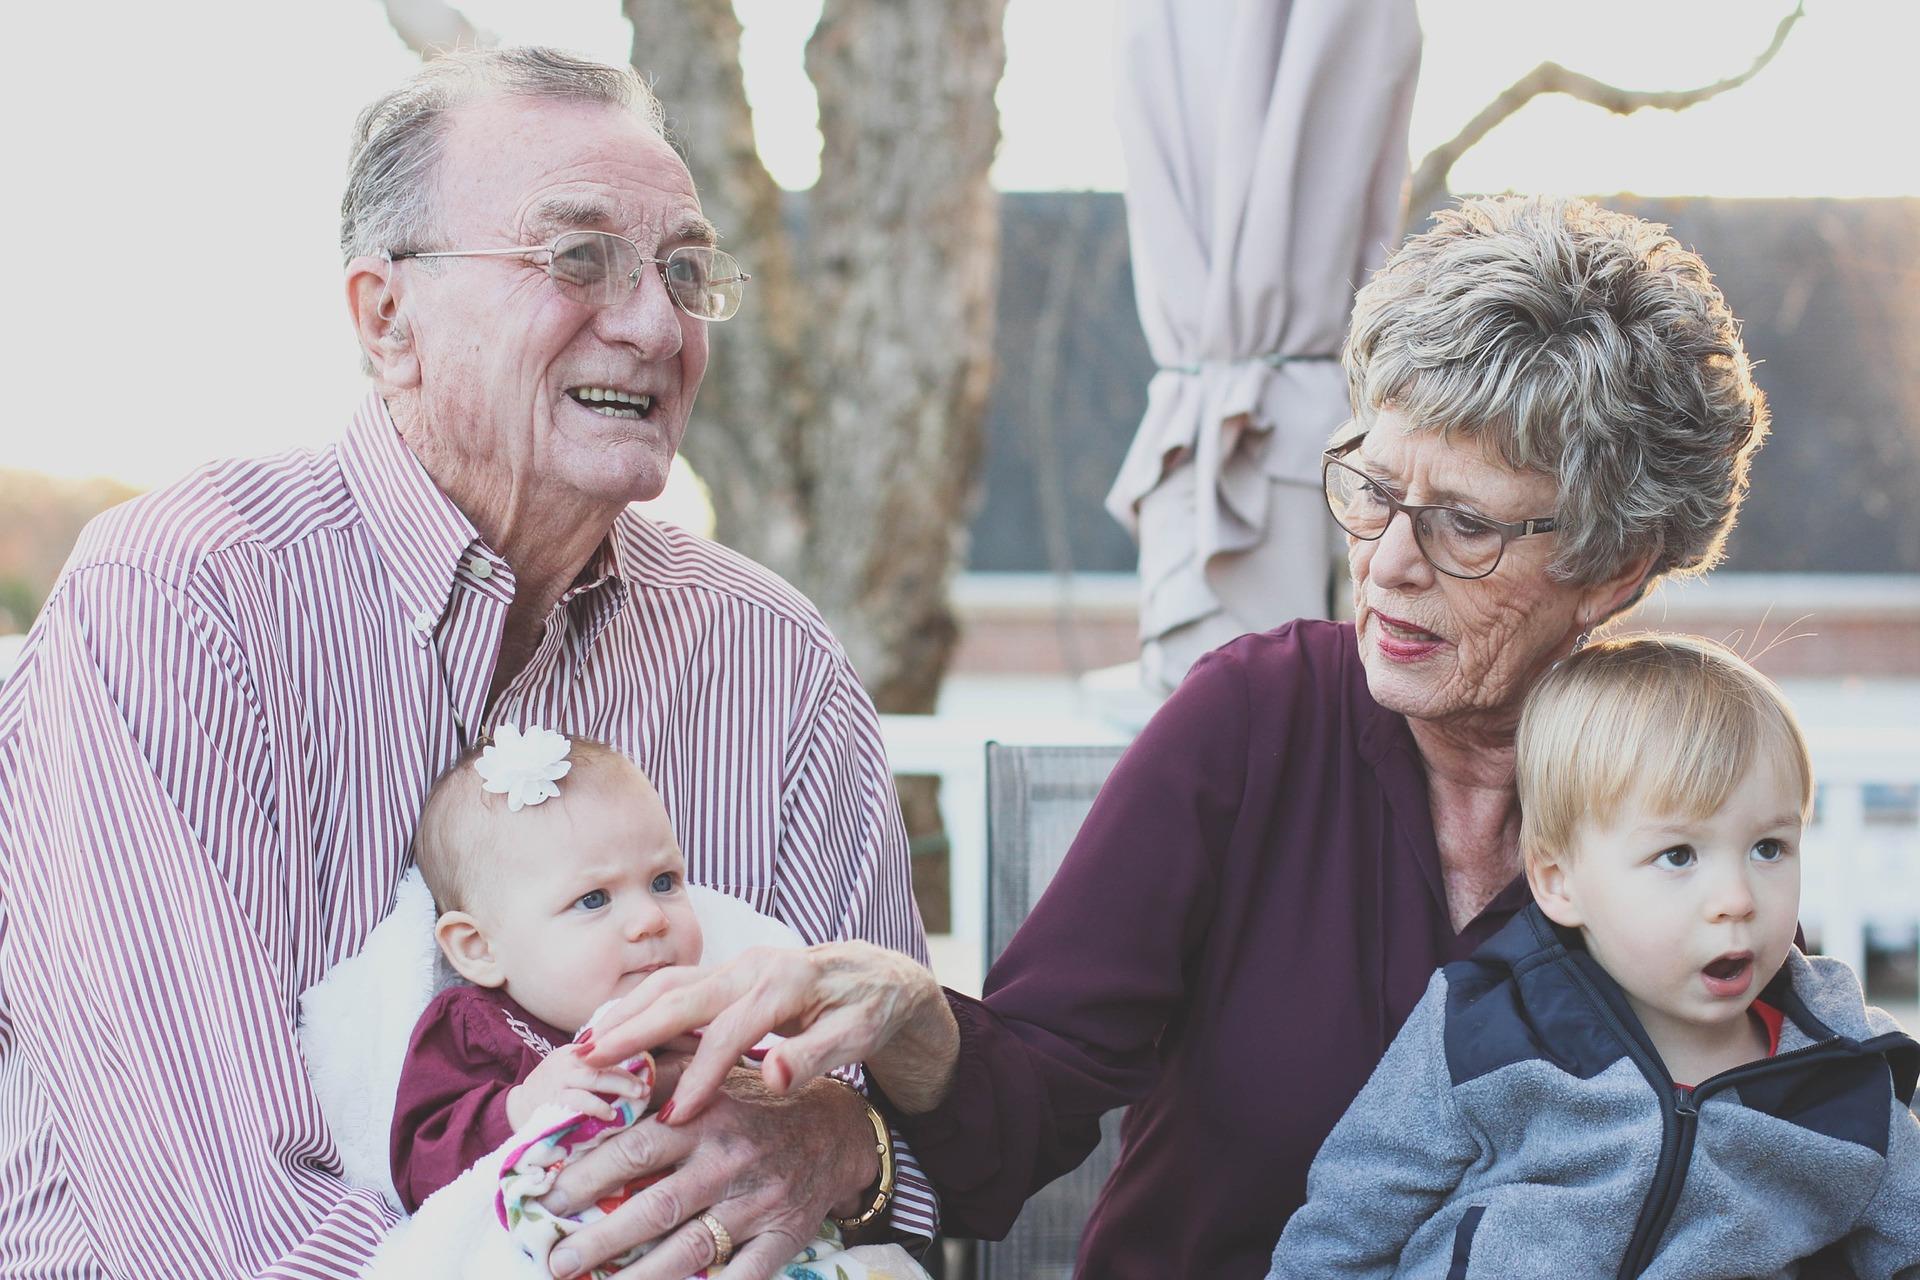 Как договориться с бабушками, если у вас разные взгляды на воспитание ребенка